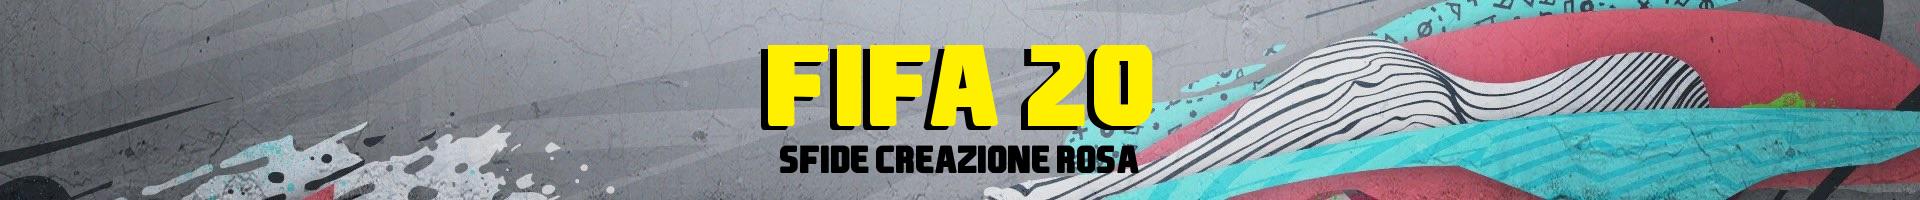 FIFA 20 Sfide creazione rosa